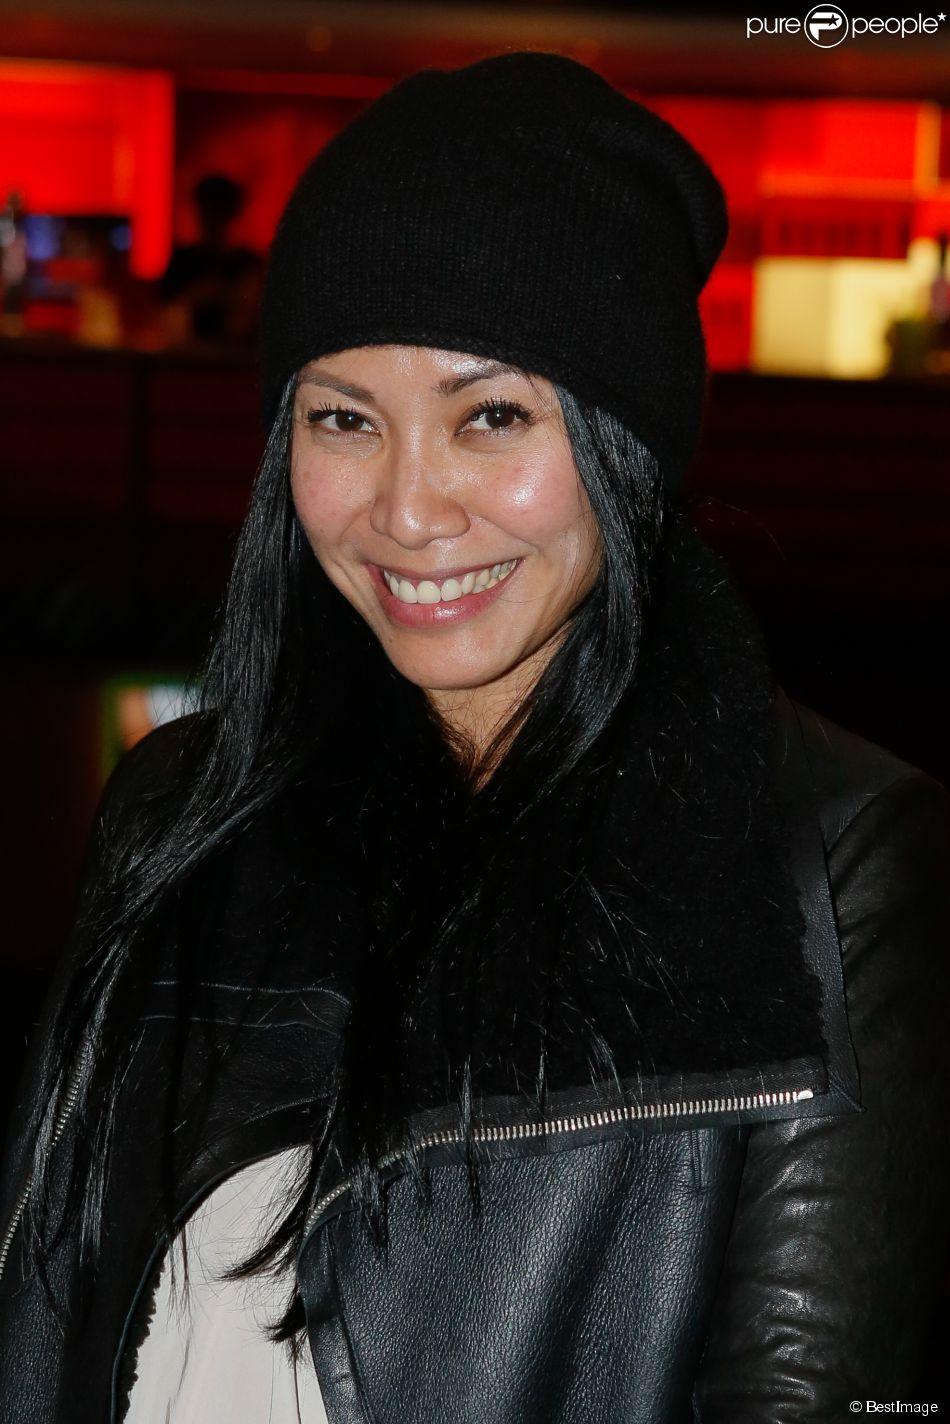 Exclusif - Anggun - Concert de Véronic Dicaire à l'Olympia à Paris. Le 19 février 2015